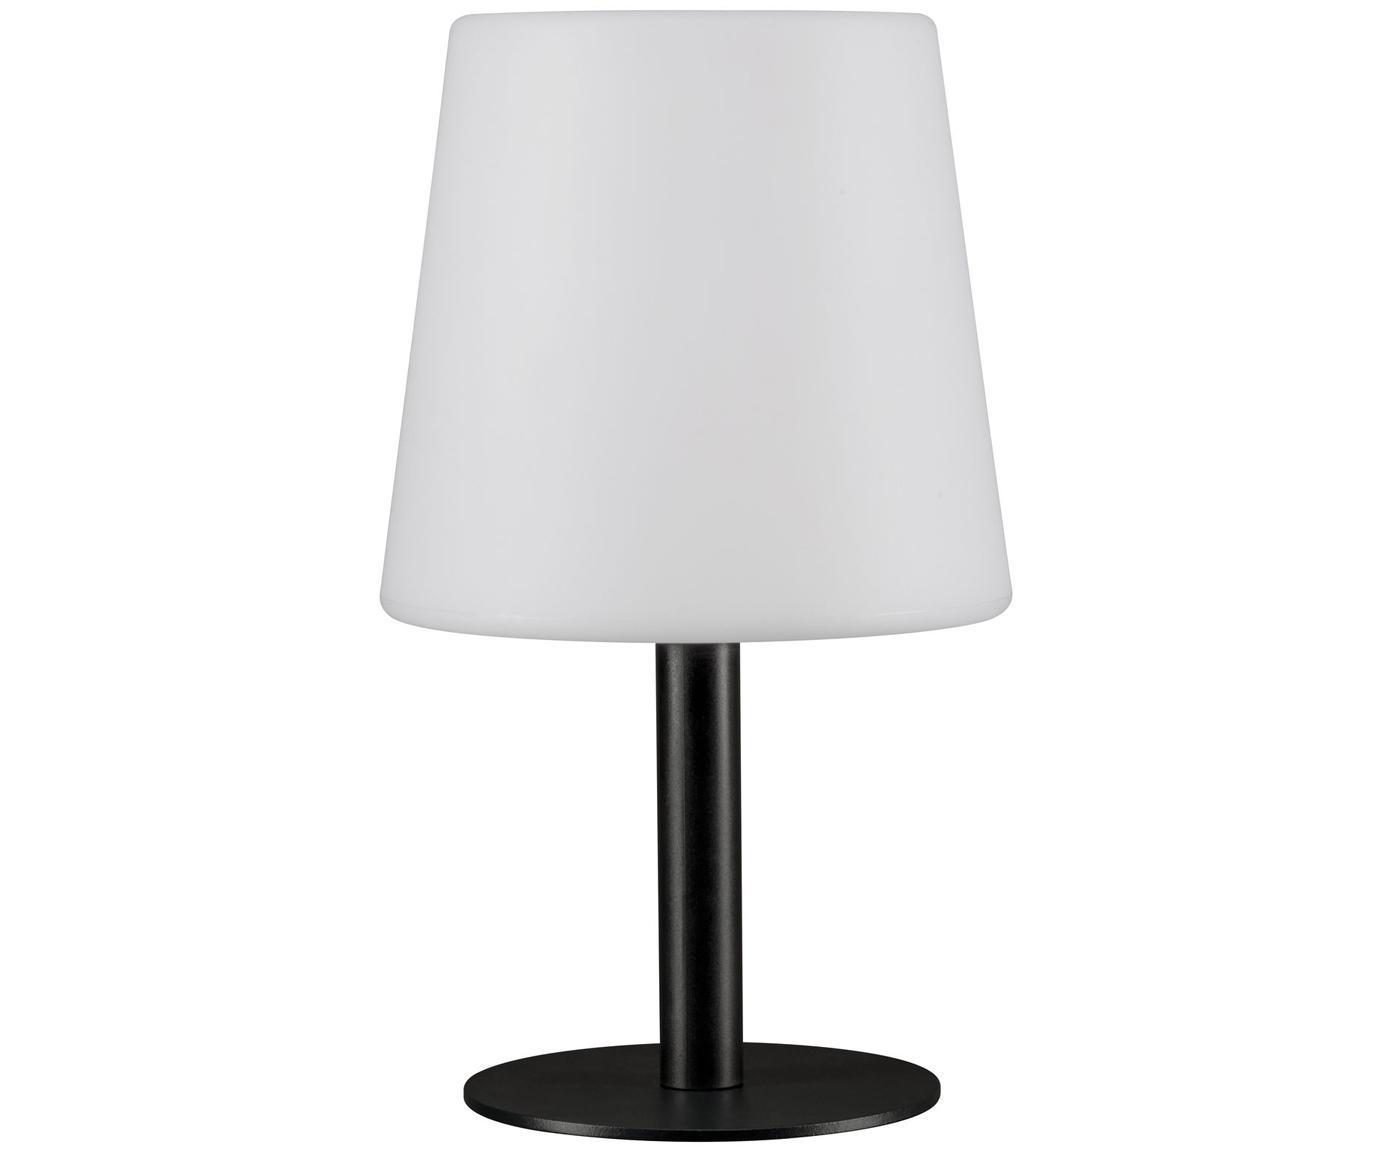 Lampada da tavolo portatile da esterno Placido, Base della lampada: metallo rivestito, Paralume: plastica, Bianco, nero, Ø 16 x Alt. 26 cm